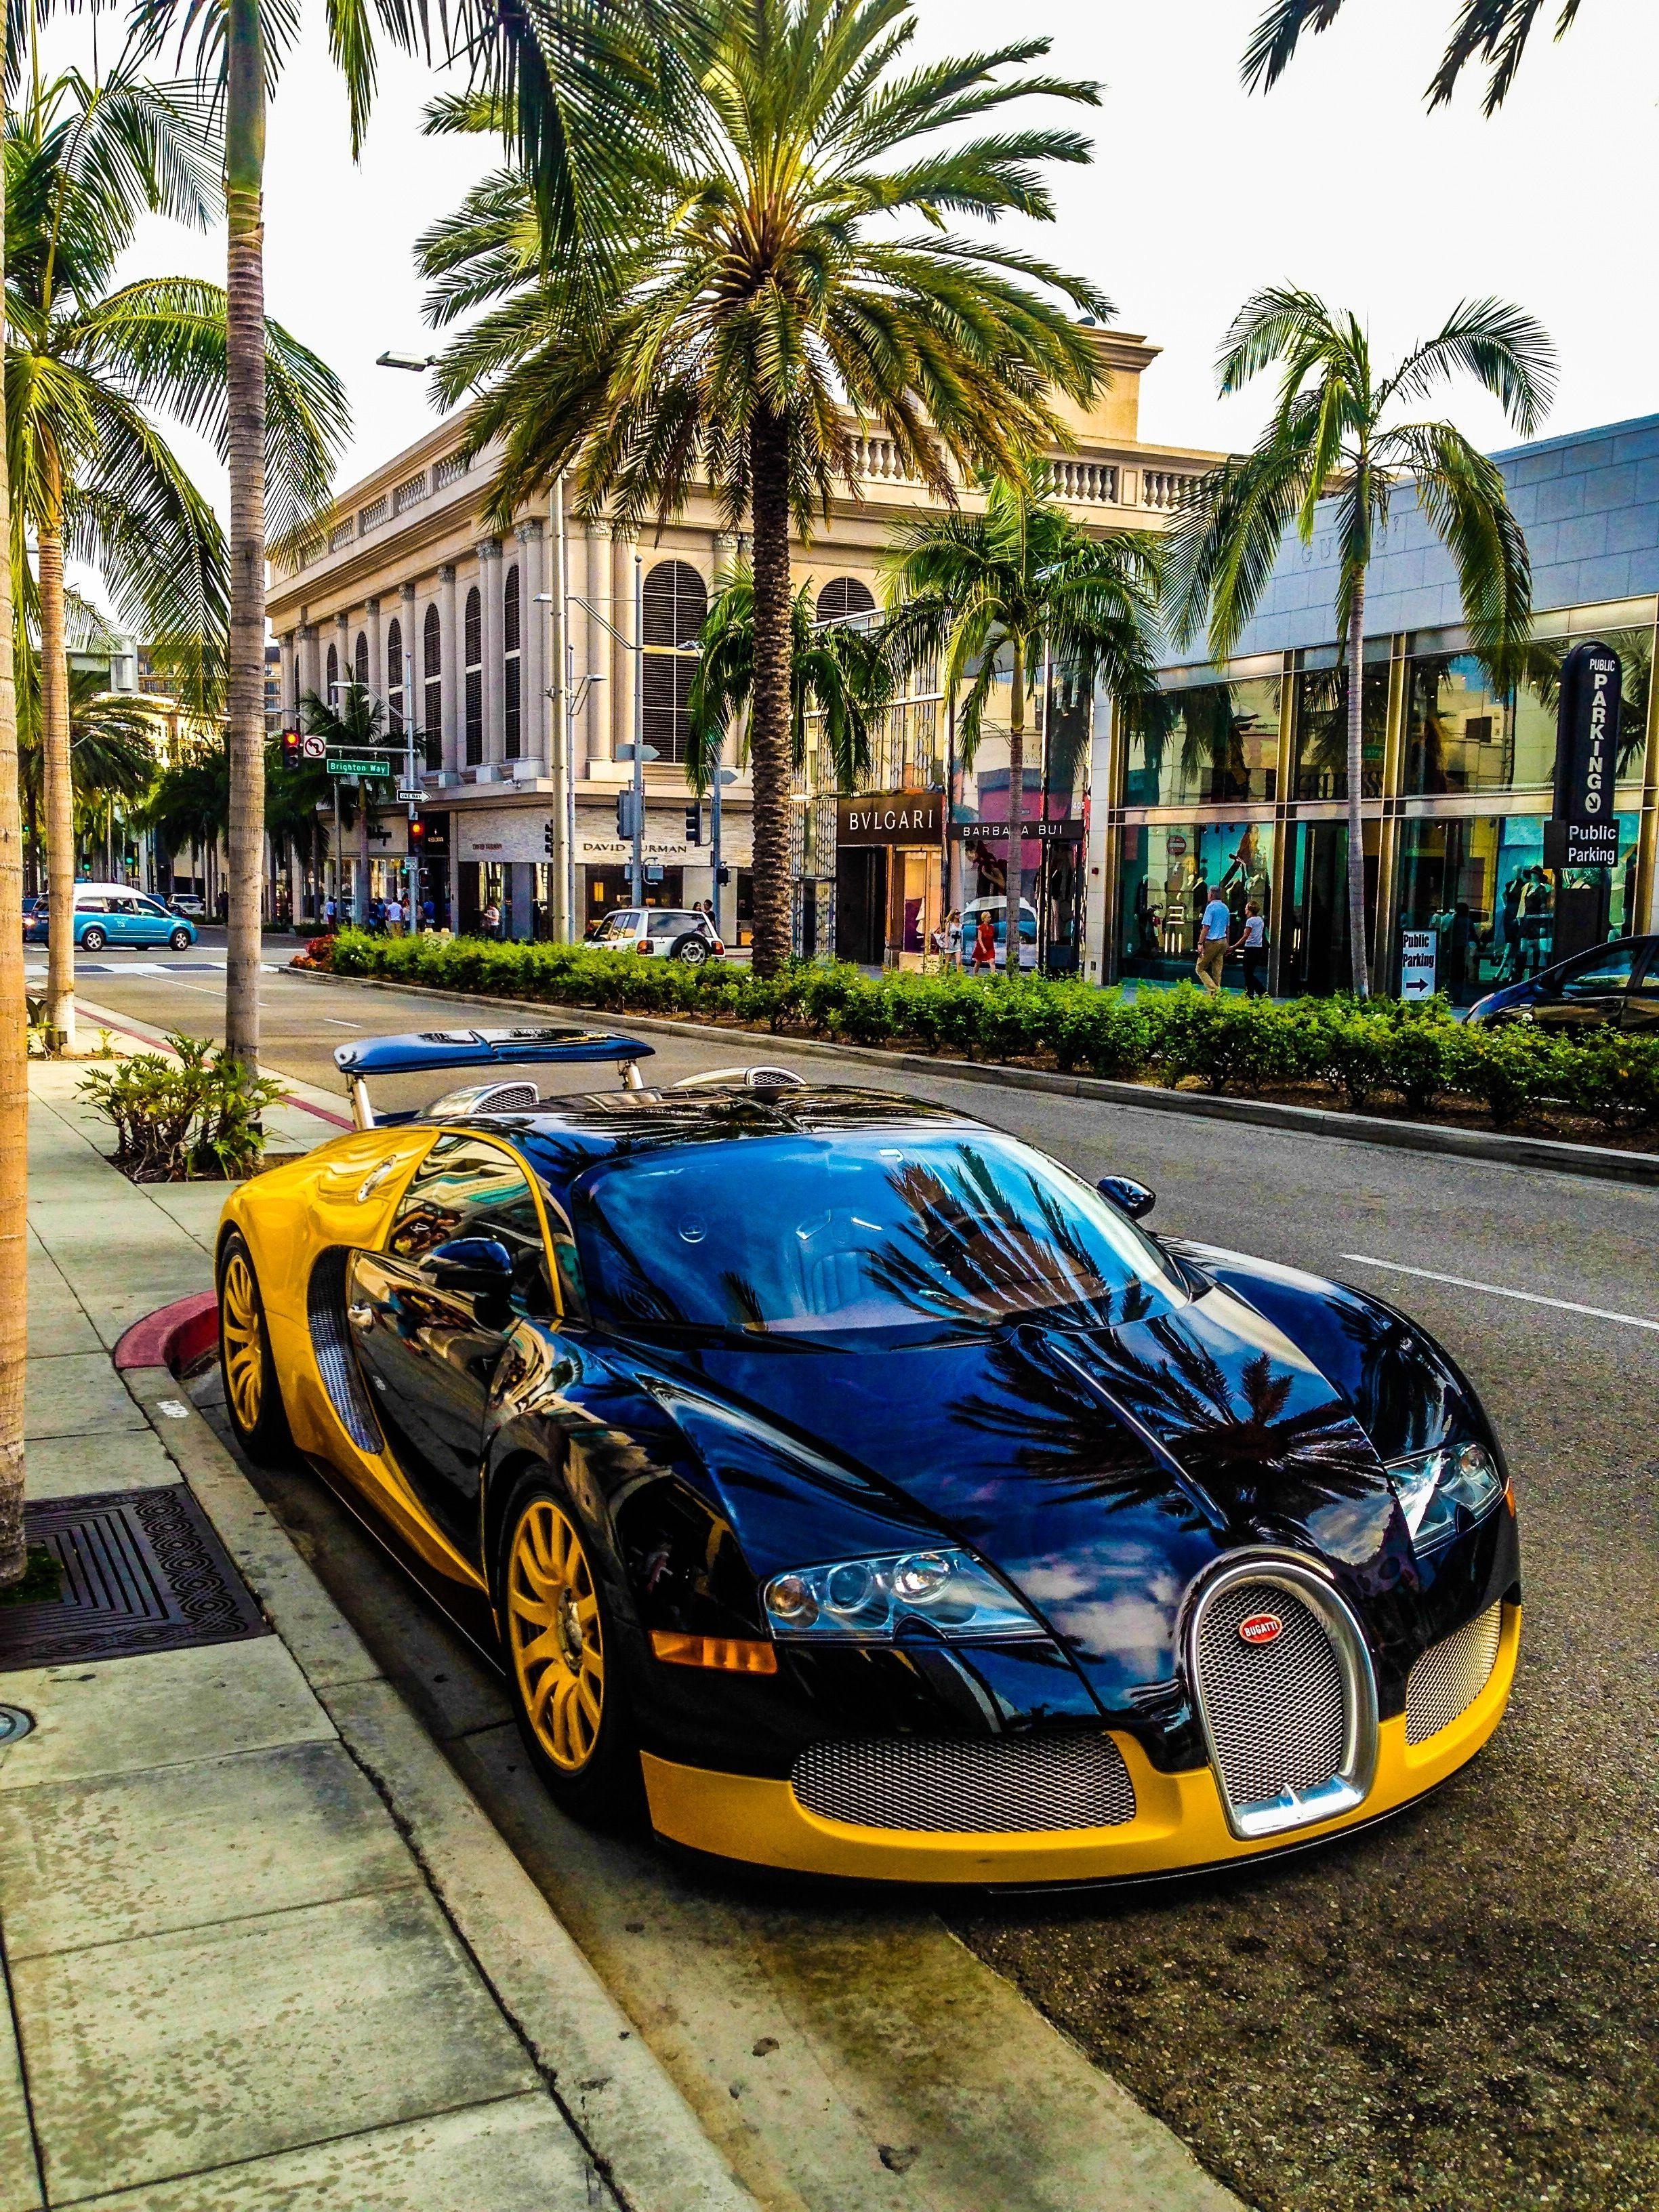 dc2b21399646e8a457e734338d65de73 Cozy Bugatti Veyron Rembrandt Edition Price Cars Trend